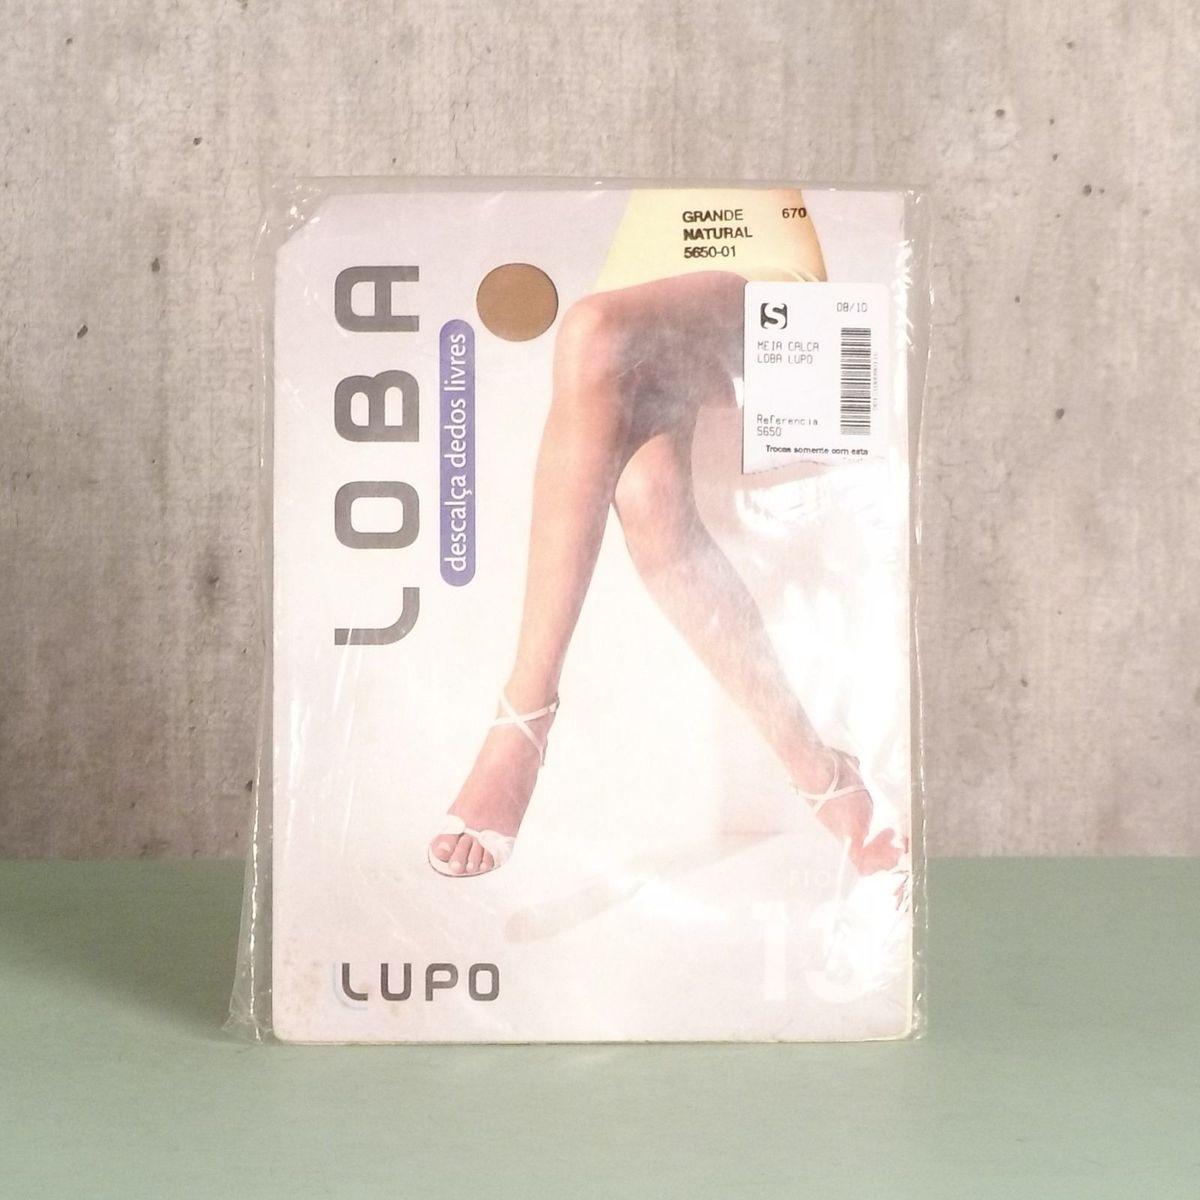 ab4793ddb meia calça grande natural fio 13 - meia-calça lupo